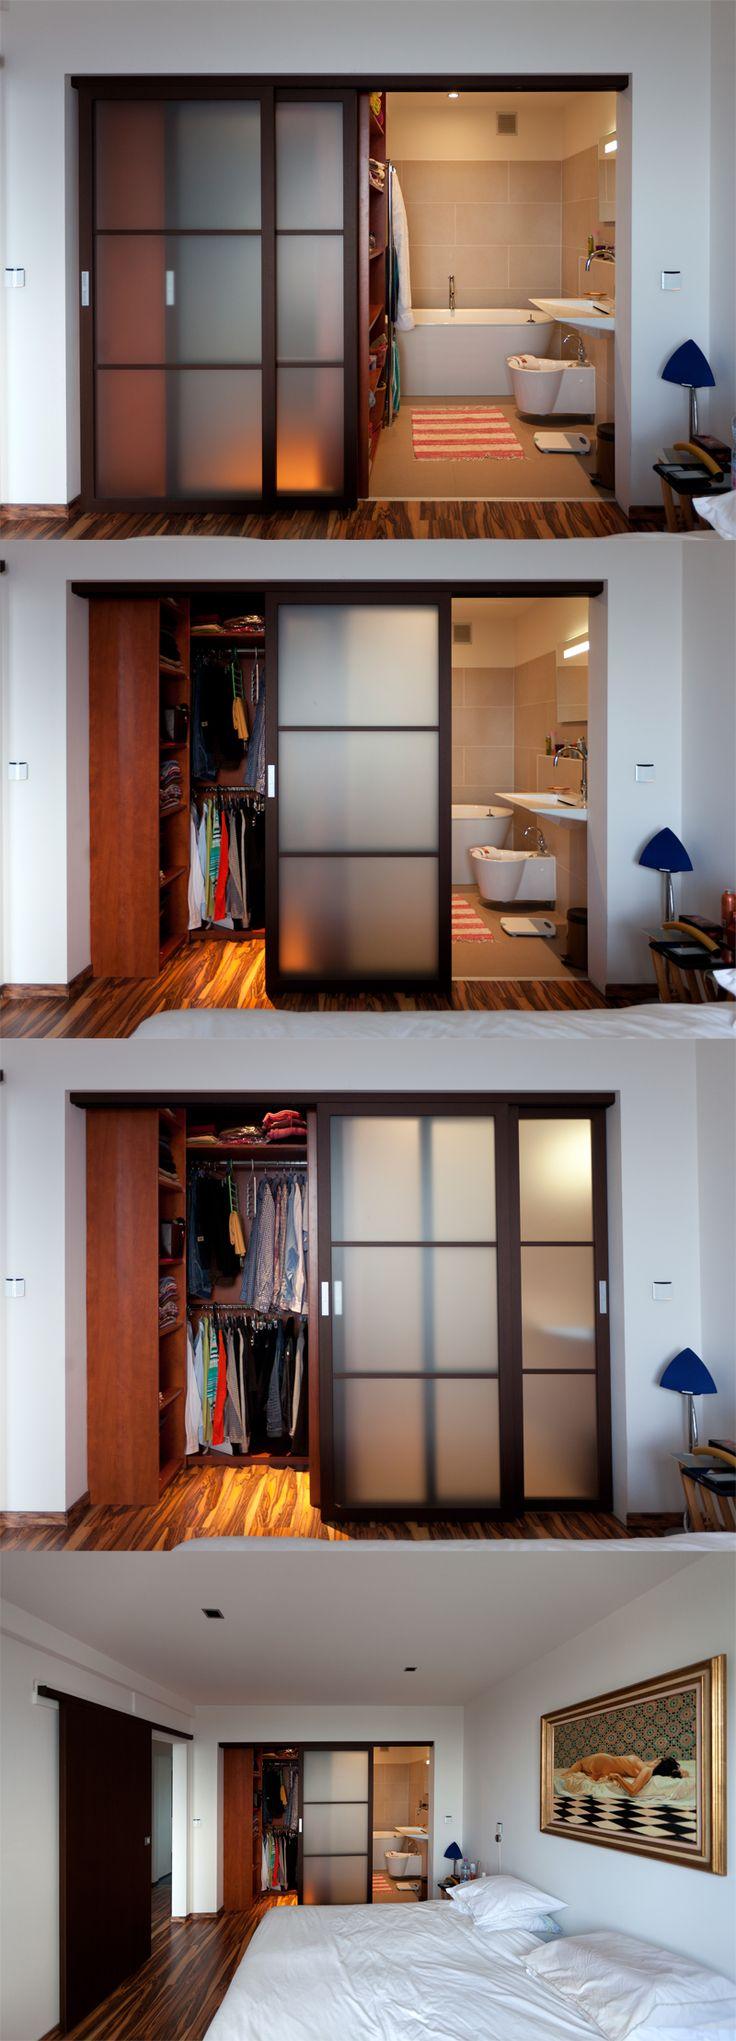 Bedroom - walk-in dressing-room / en suite bathroom